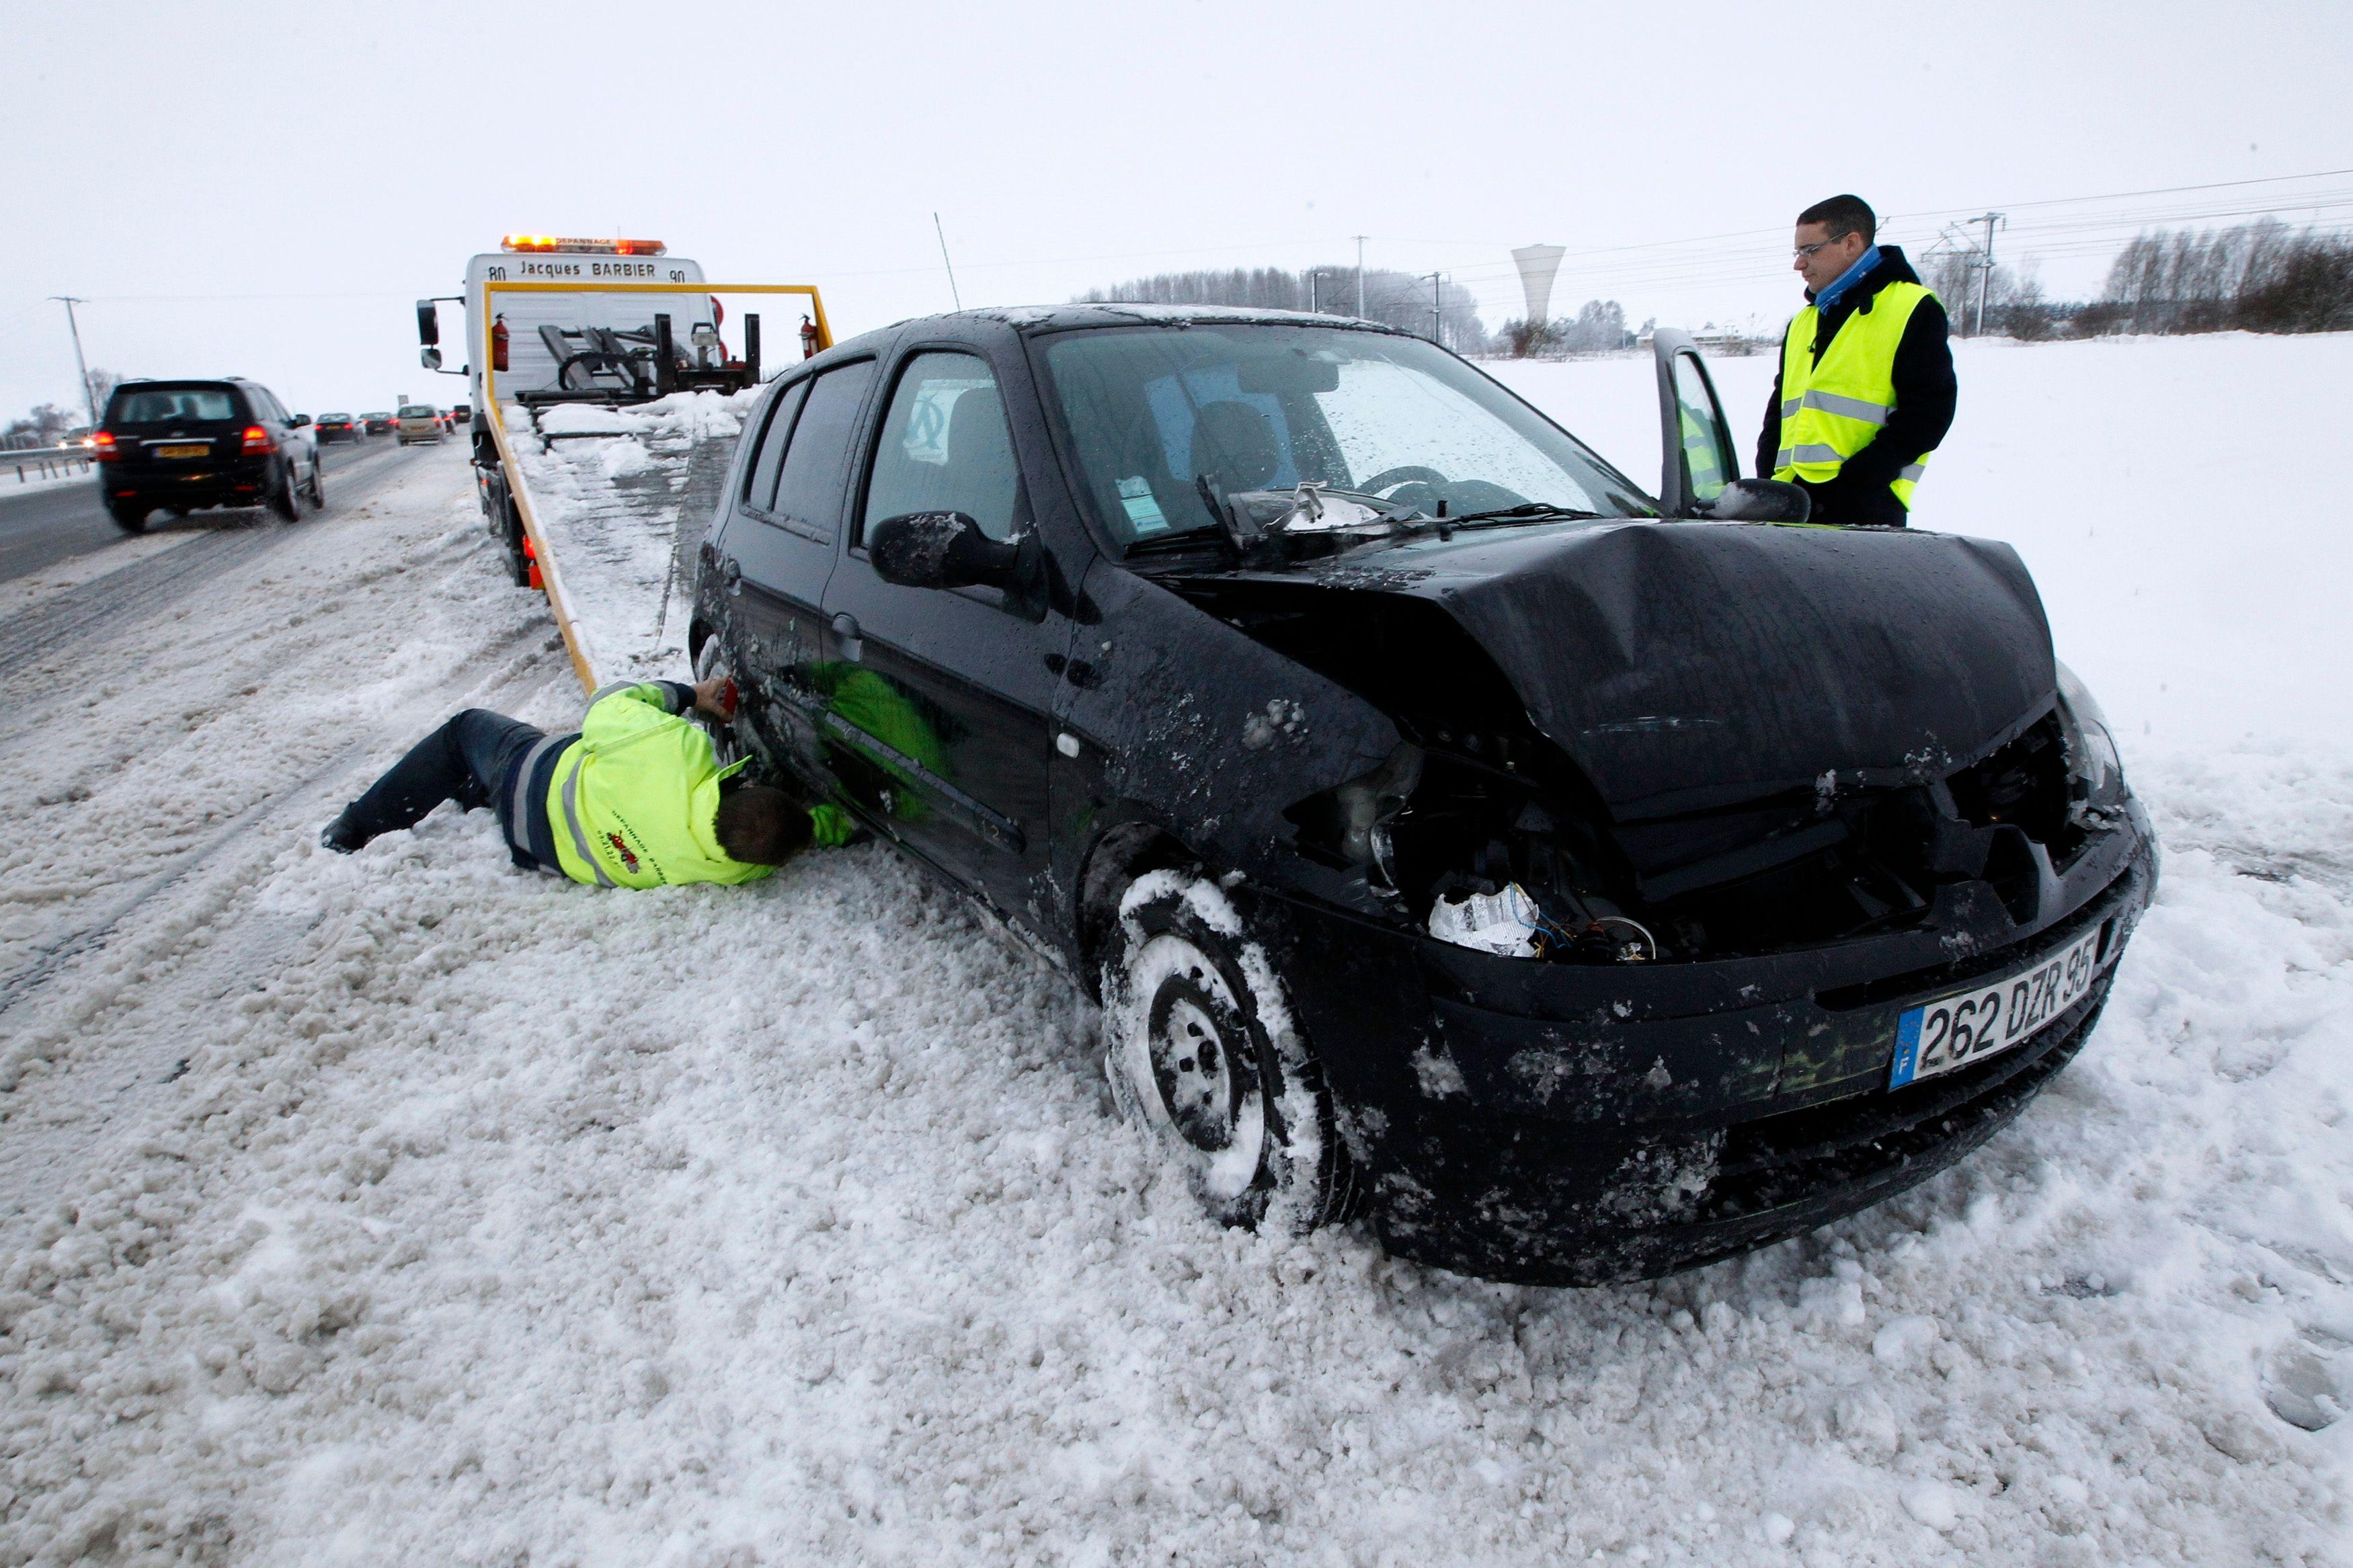 Lors d'épisodes très neigeux, l'important est d'être le plus vigilant possible et d'éviter au maximum de conduire.